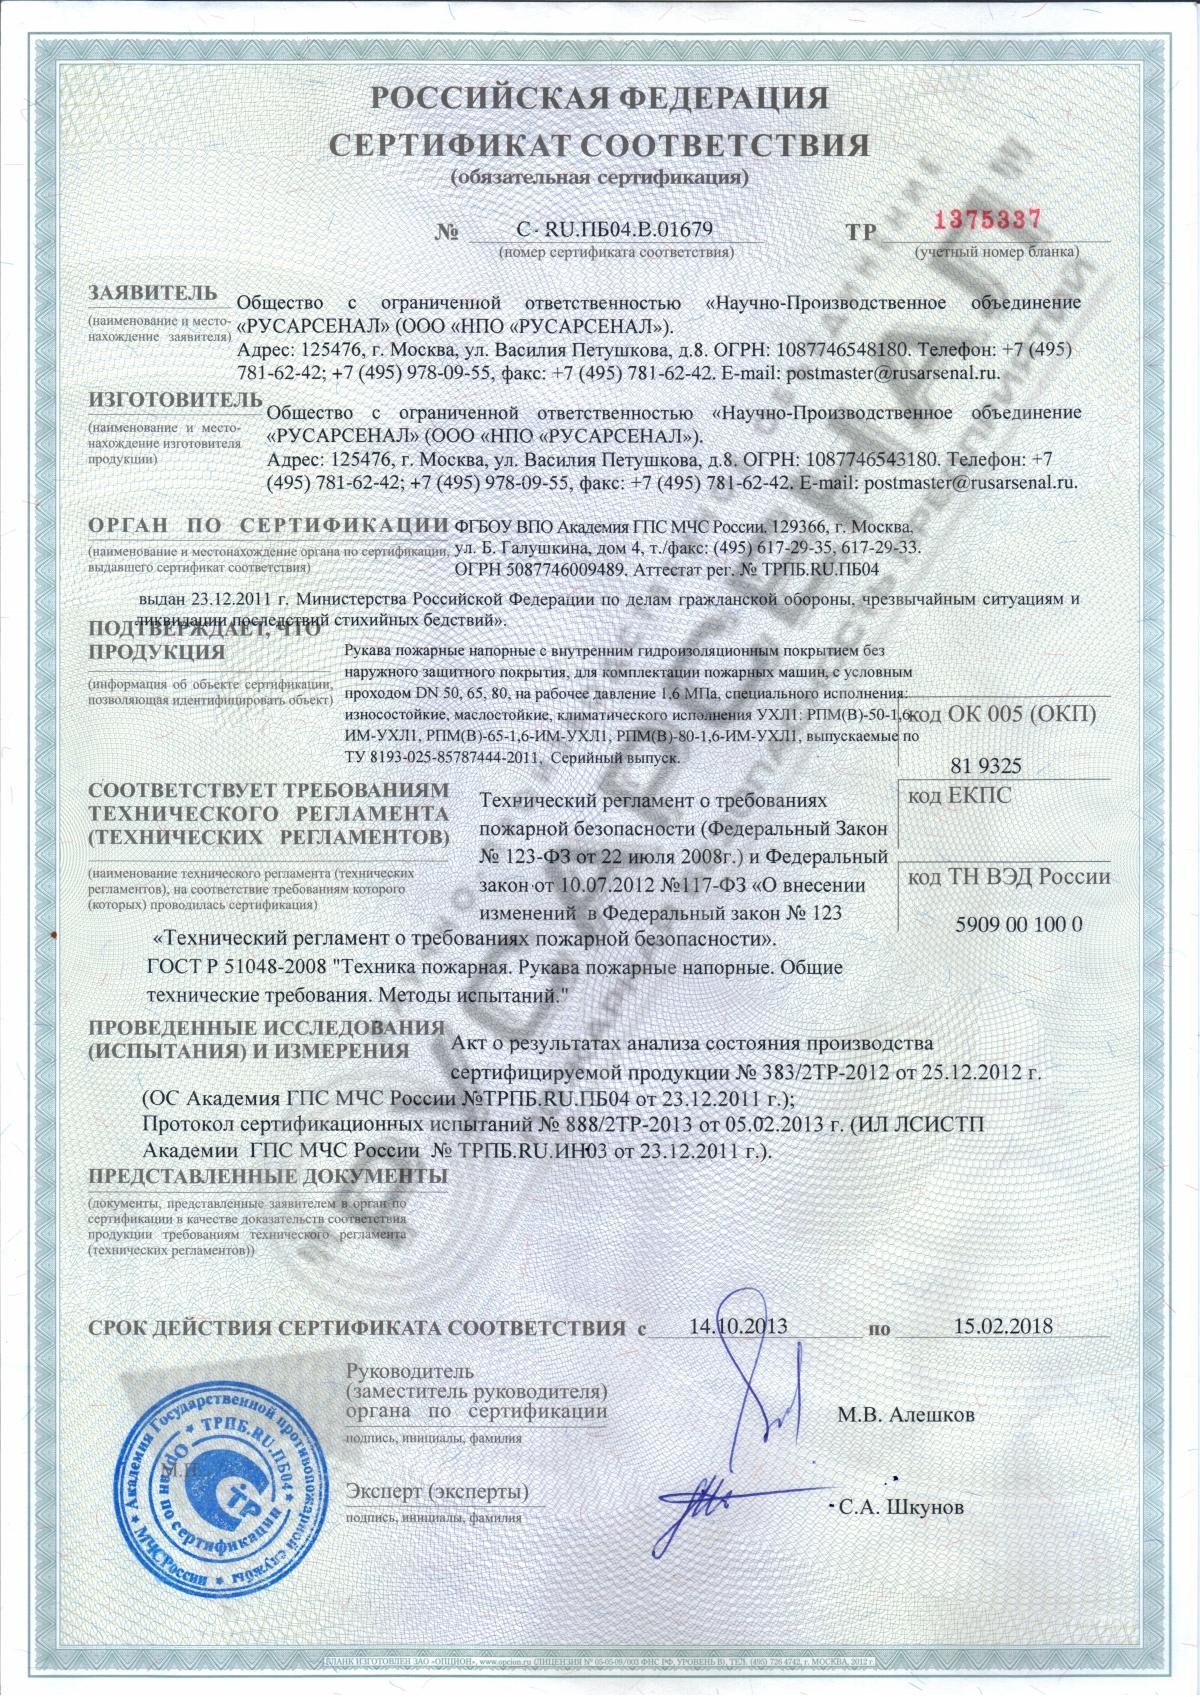 сертификат соответствия пожарных шкафов внутриквартирных